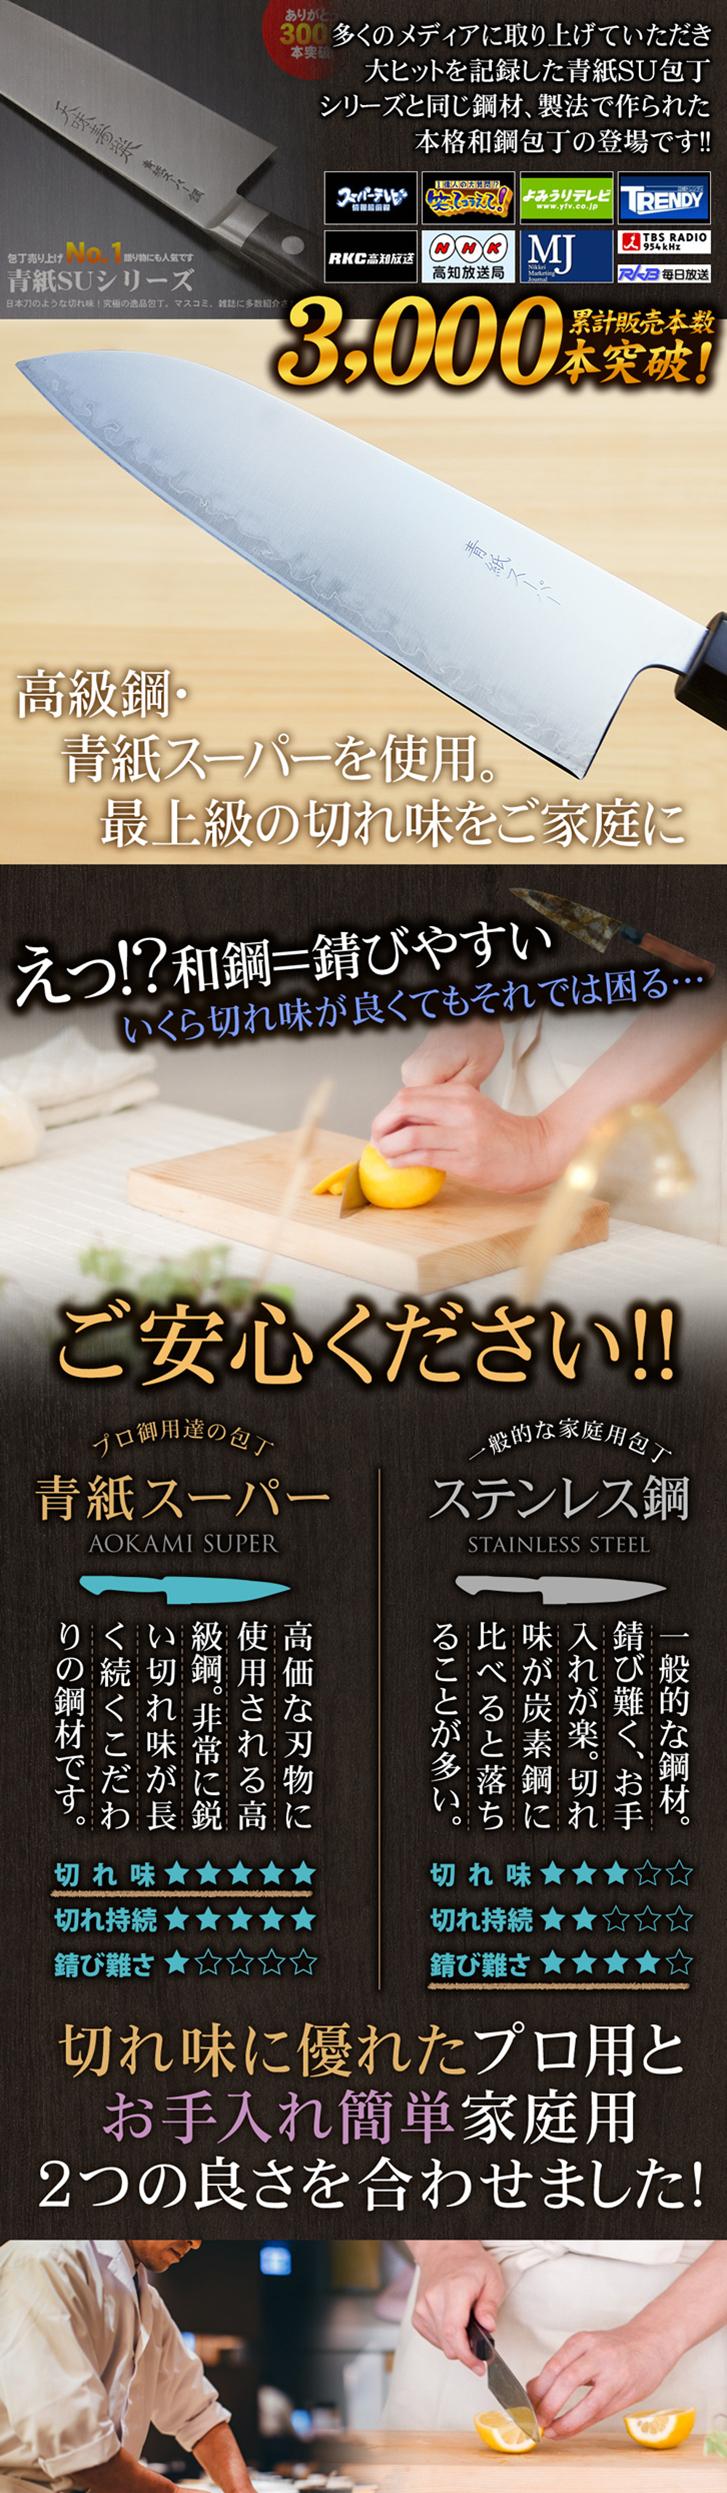 青紙スーパー三徳包丁 水牛八角柄(イチイ)